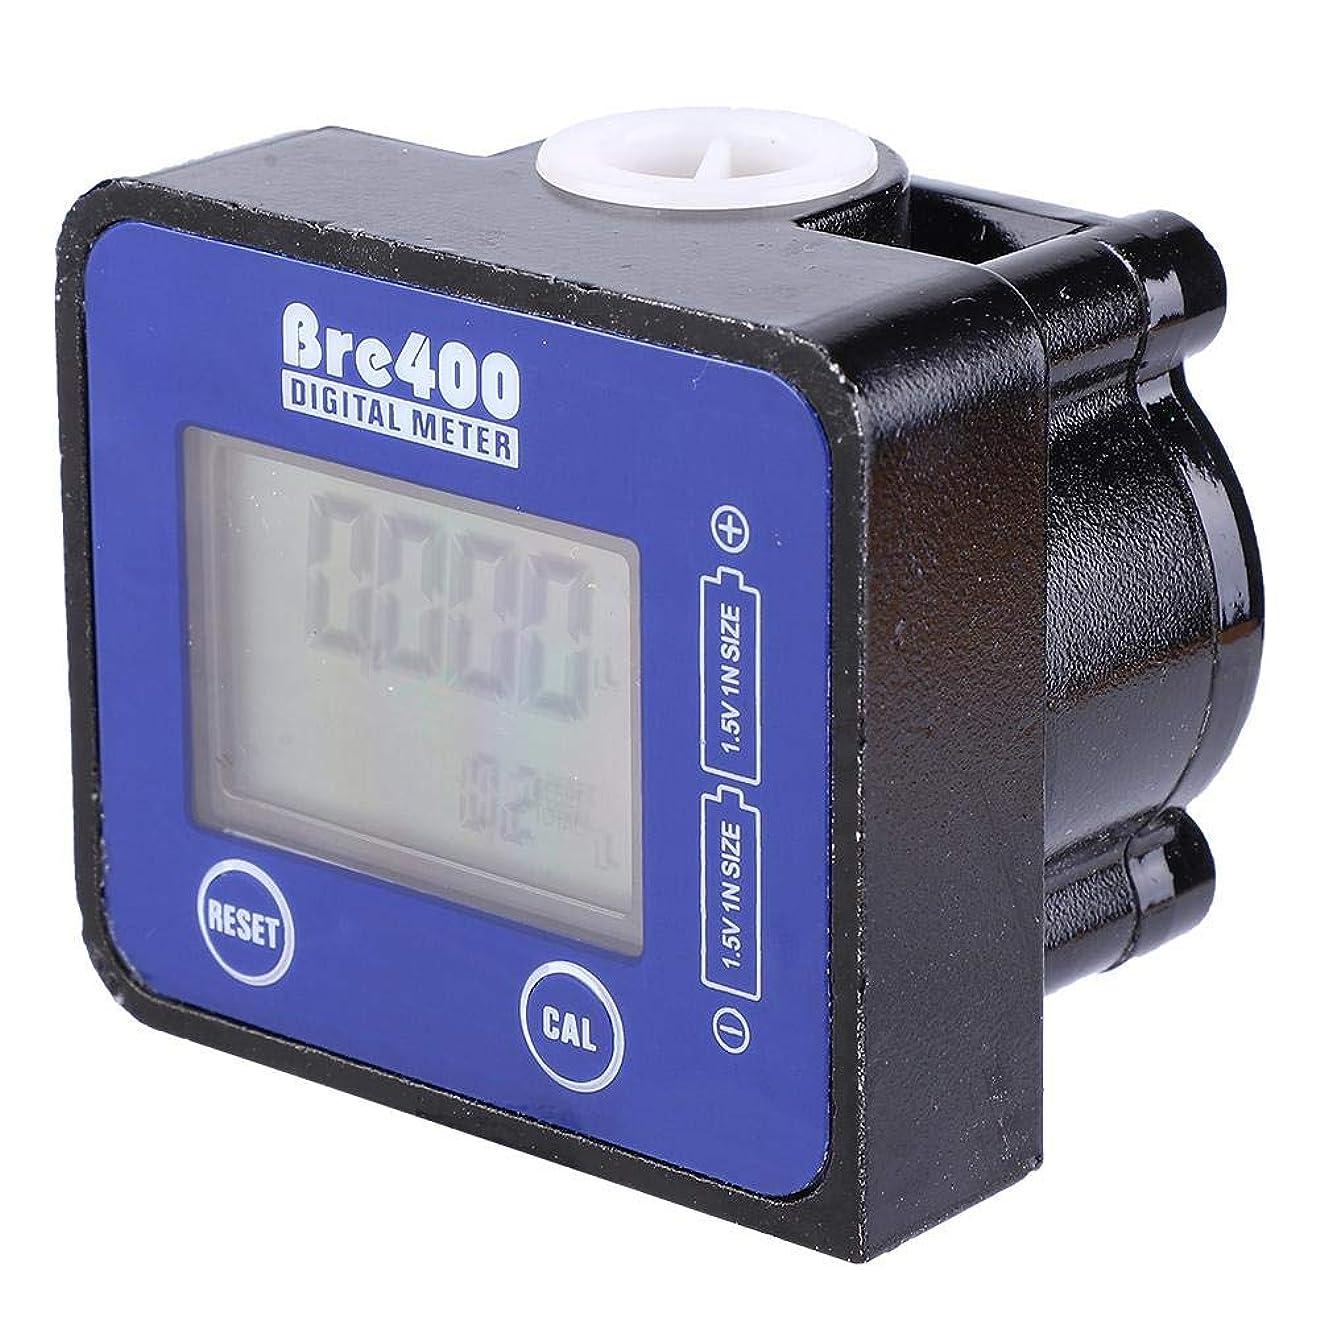 エレベーターおそらくまで流量計、アルミニウム合金1/2インチデジタルLCDディスプレイ高精度燃料ディーゼル流量計水流量センサー、ガソリン、ケロシン、エンジンオイルの低流量の制御と測定(青)